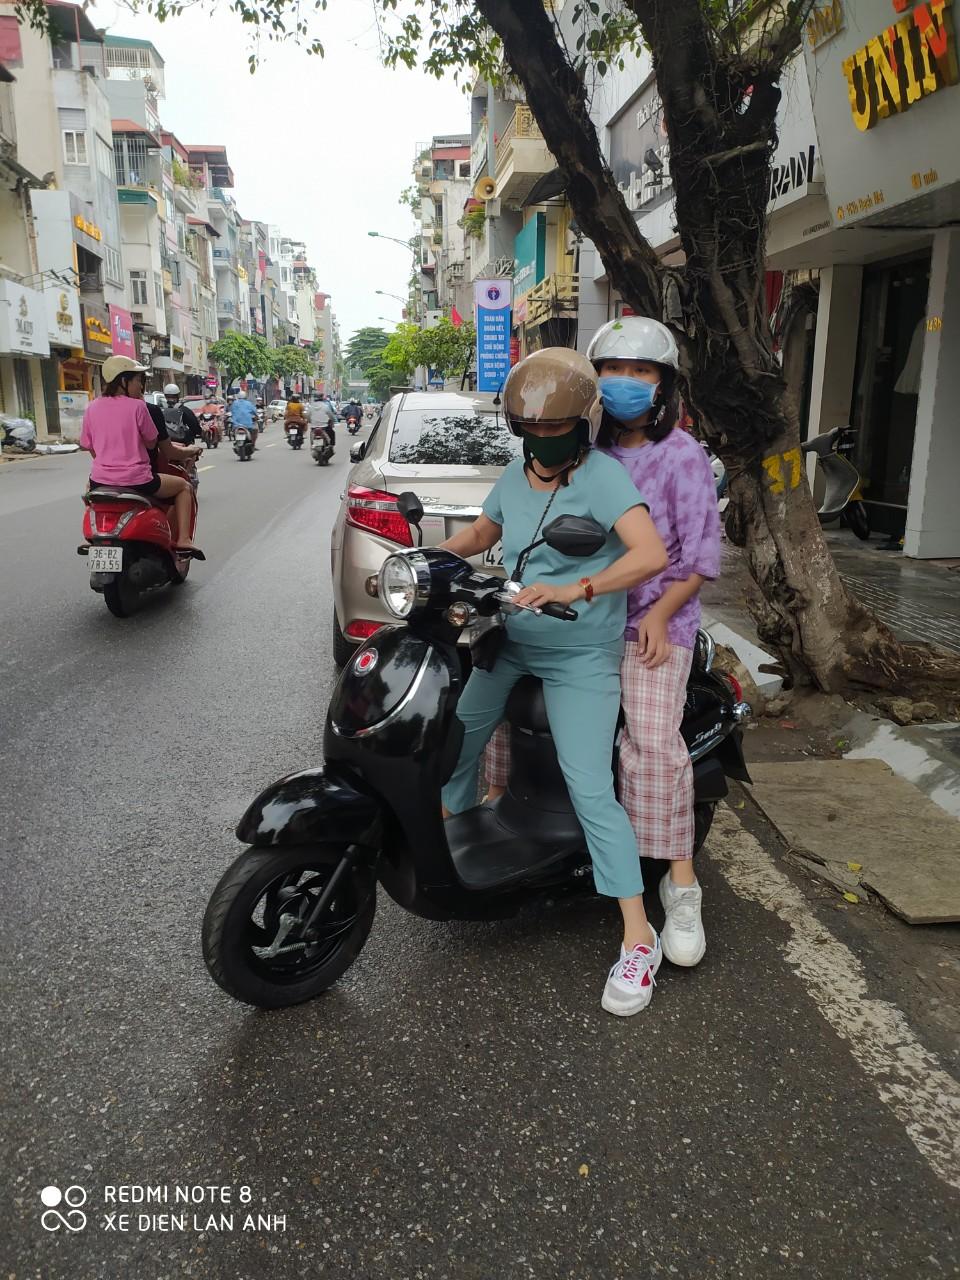 Giorno 50cc- Xe Điện lan Anh